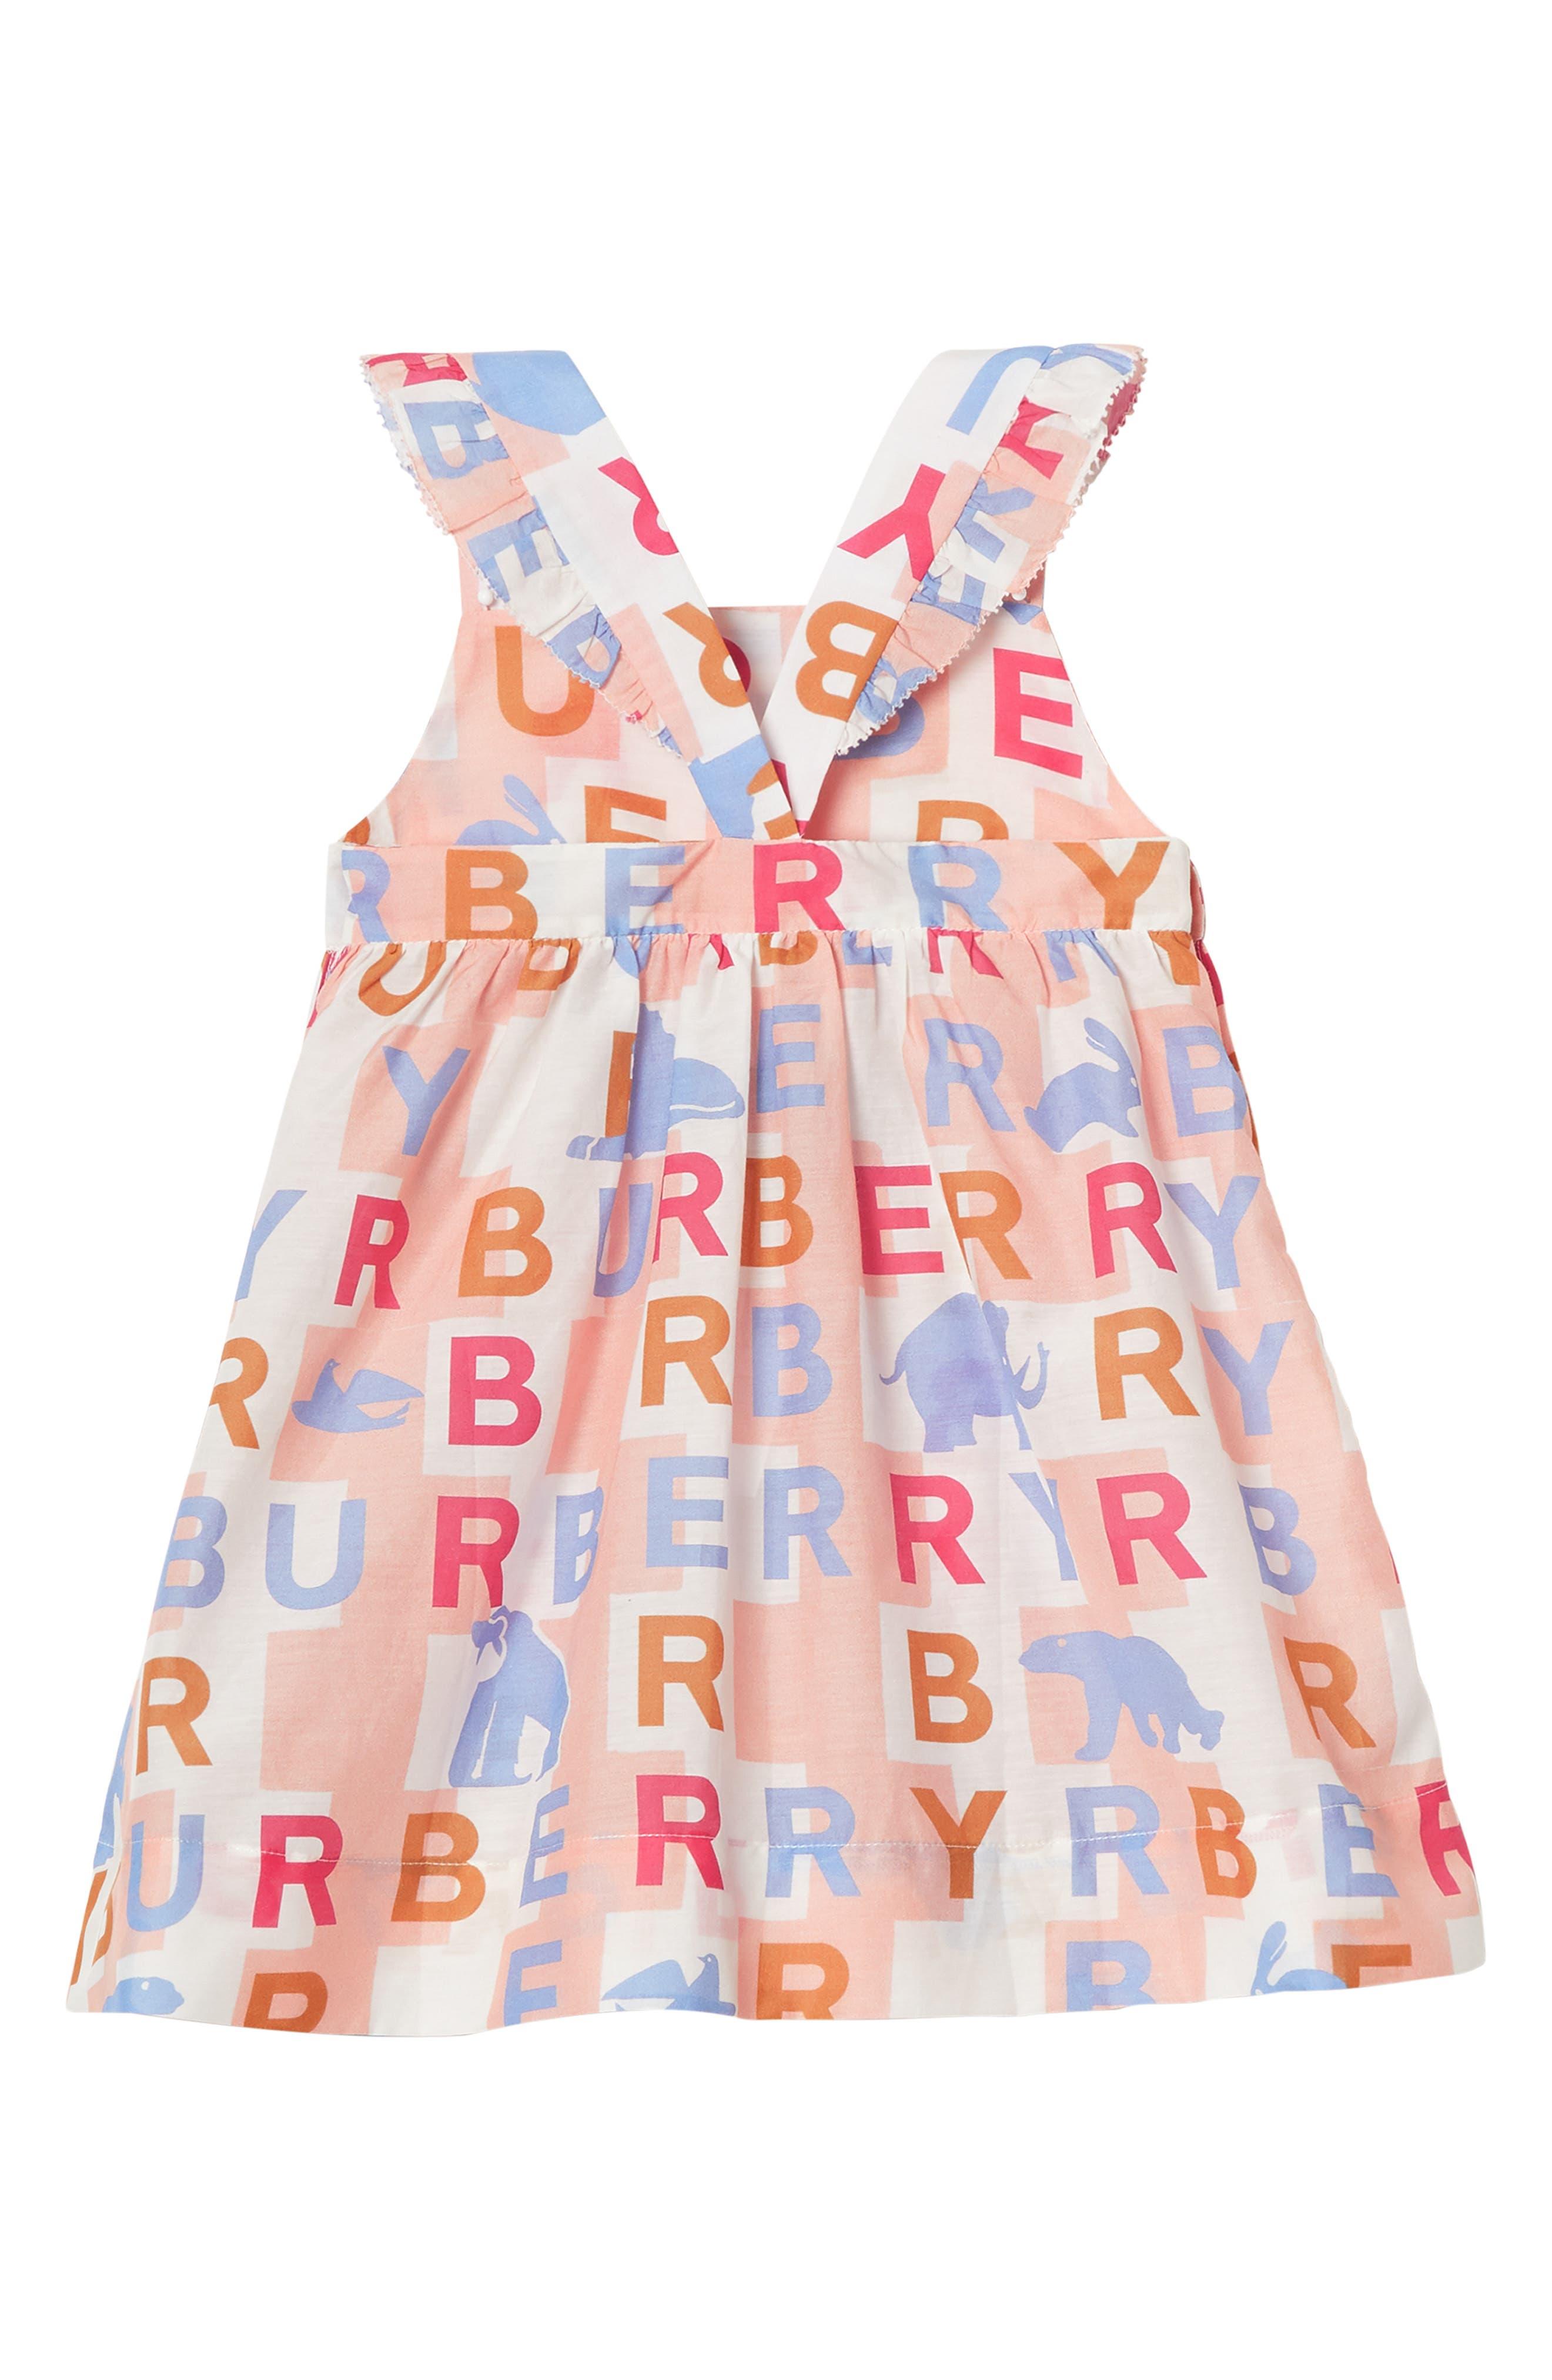 BURBERRY, Burbery Mini Livia Cotton & Silk Pinafore Dress, Alternate thumbnail 2, color, PALE ROSE